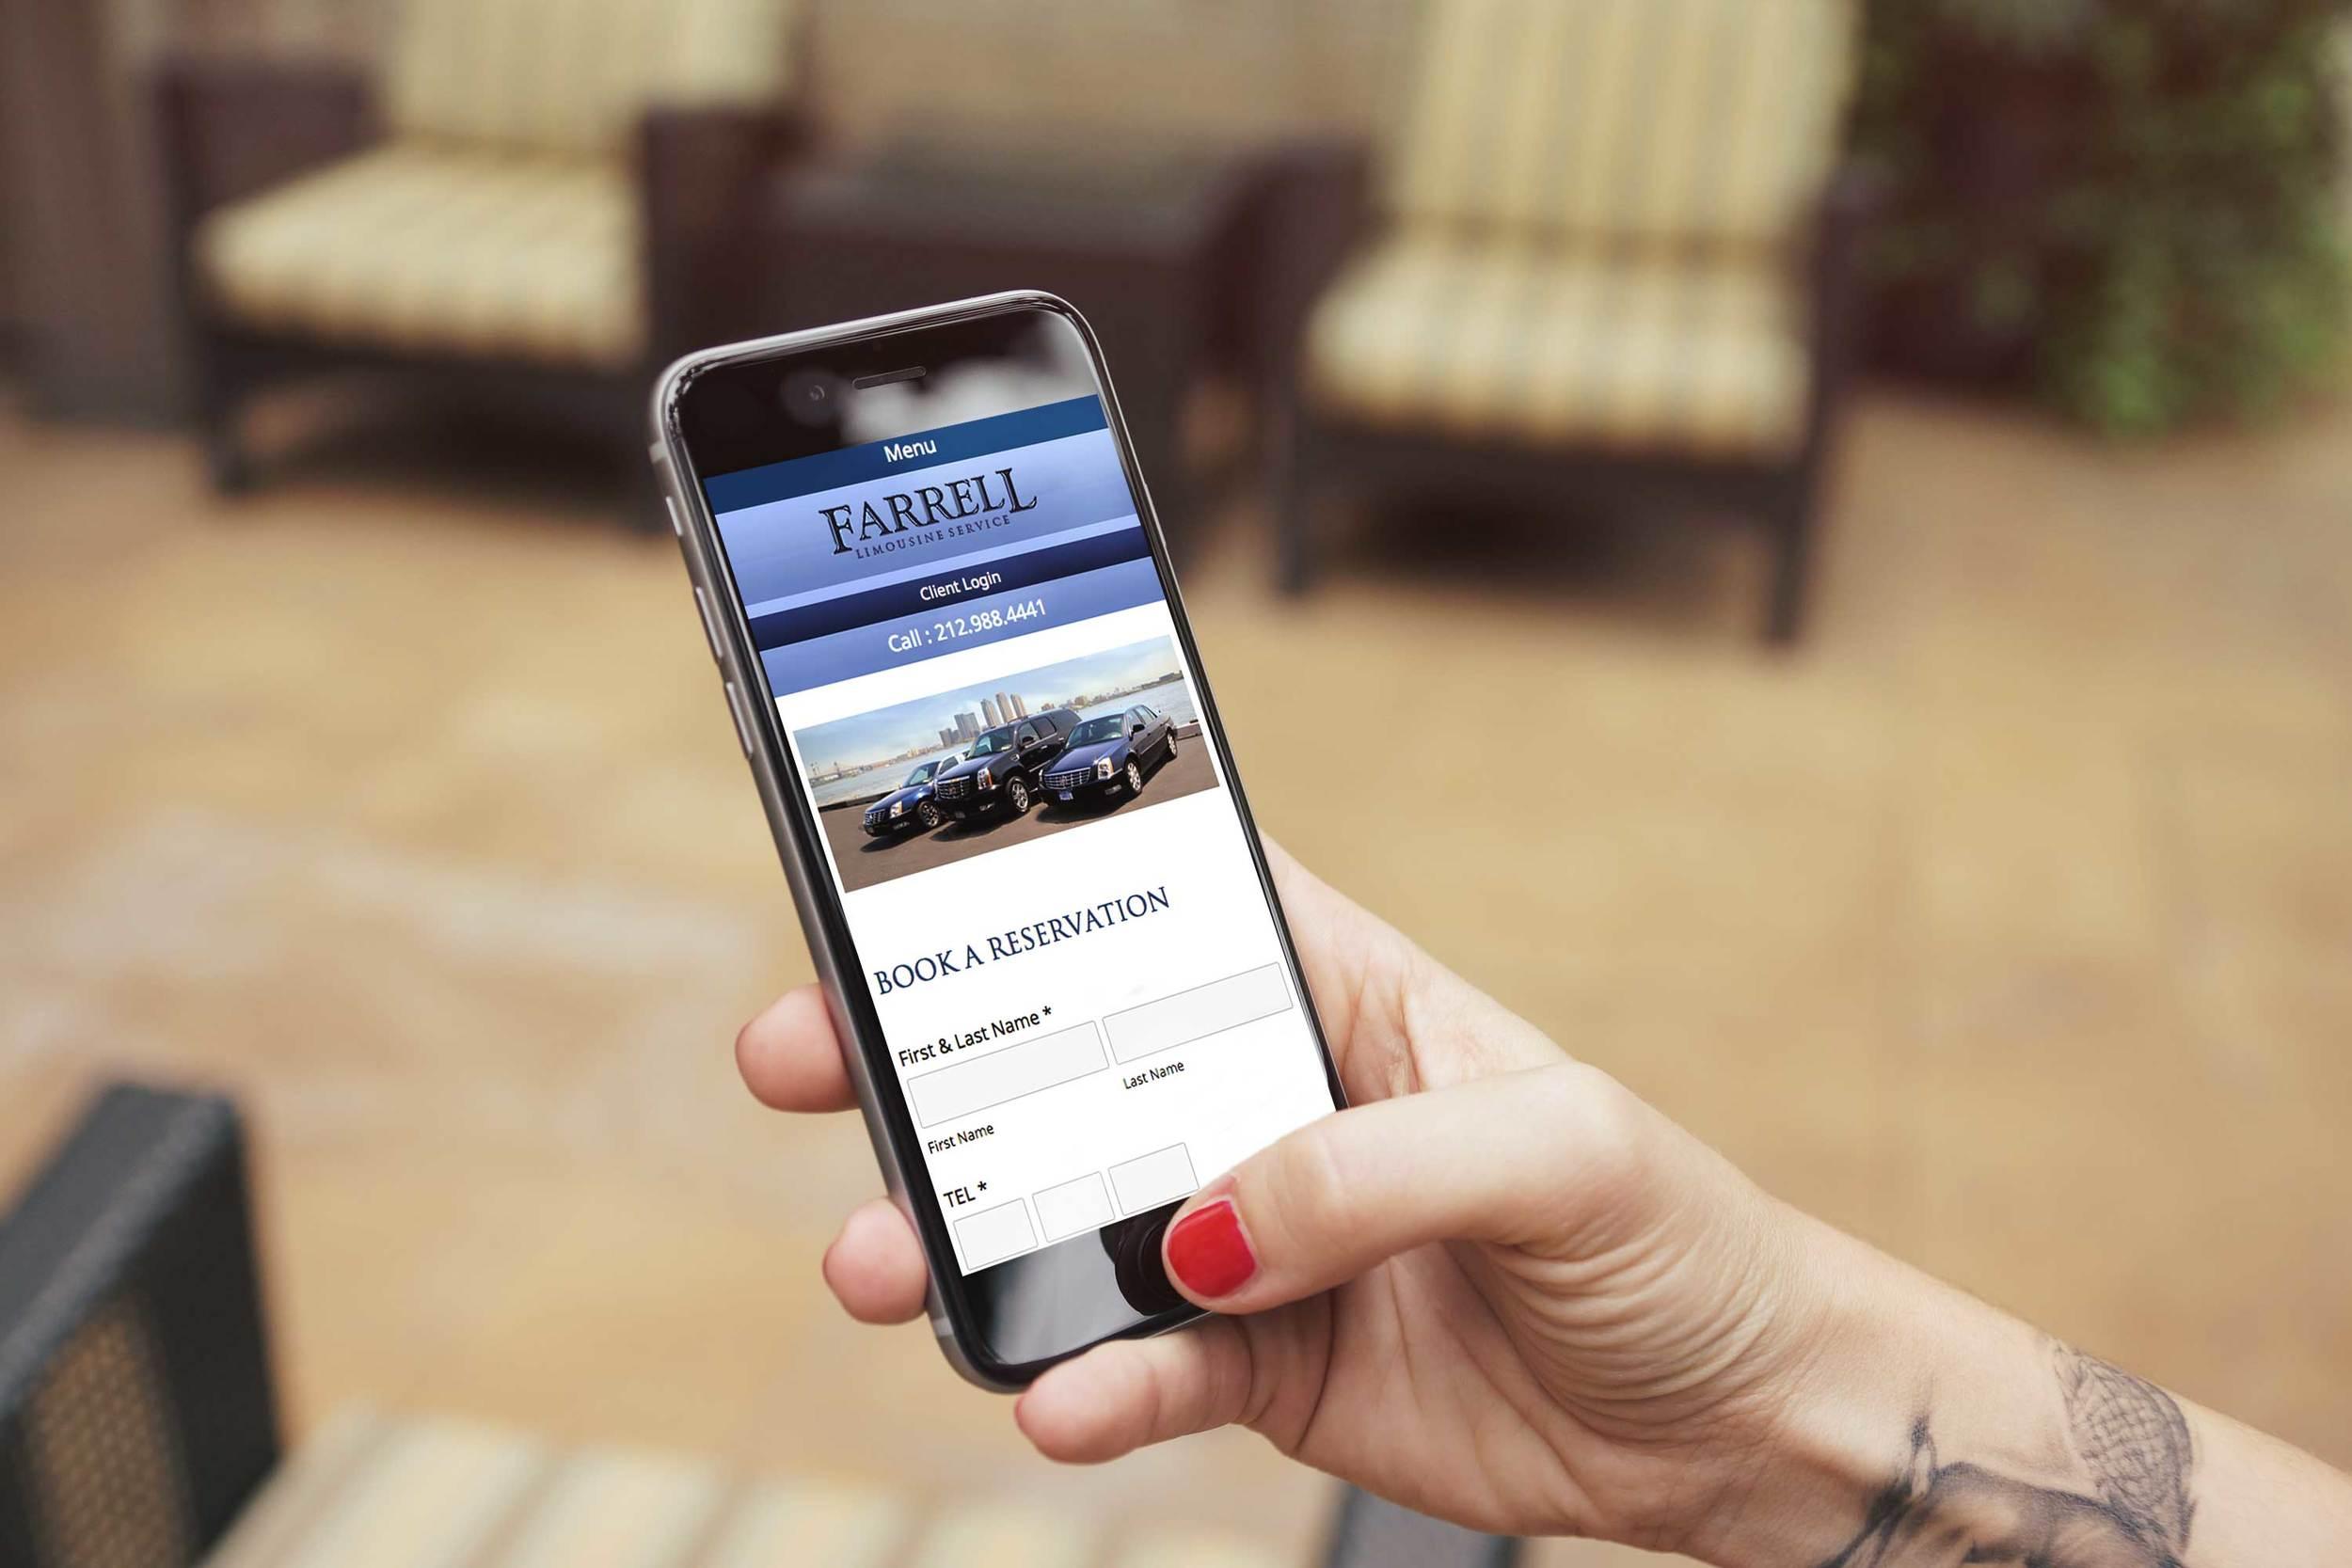 farrell-mockup-phone.jpg